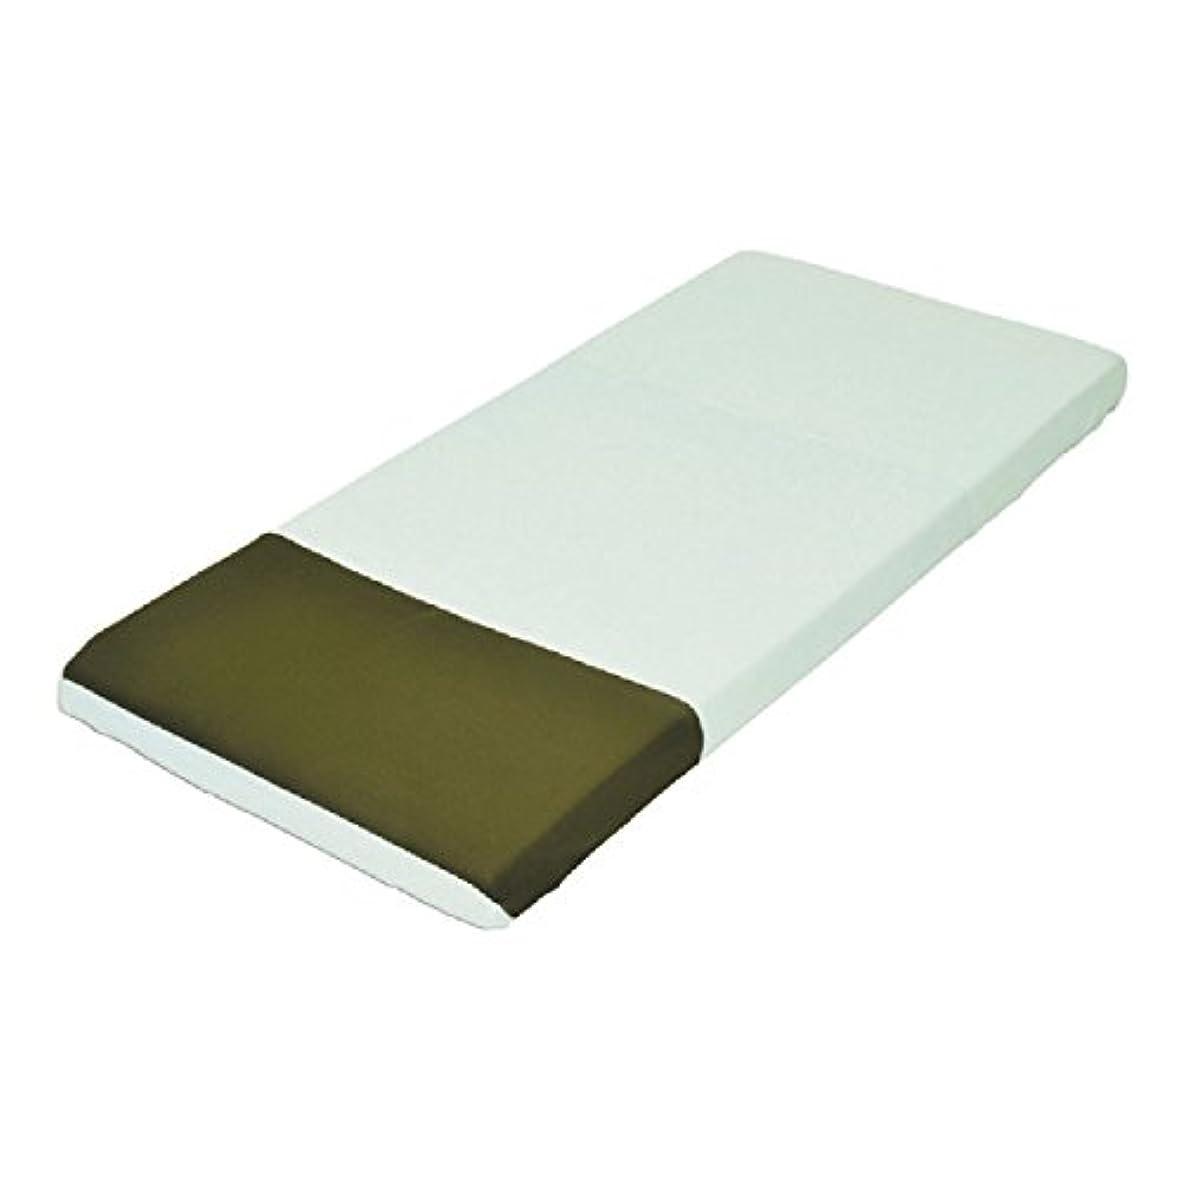 セラーぜいたく整理するモルテン ハイパー除湿シーツ 吸水拡散 防水 ボックス全身 グリーン